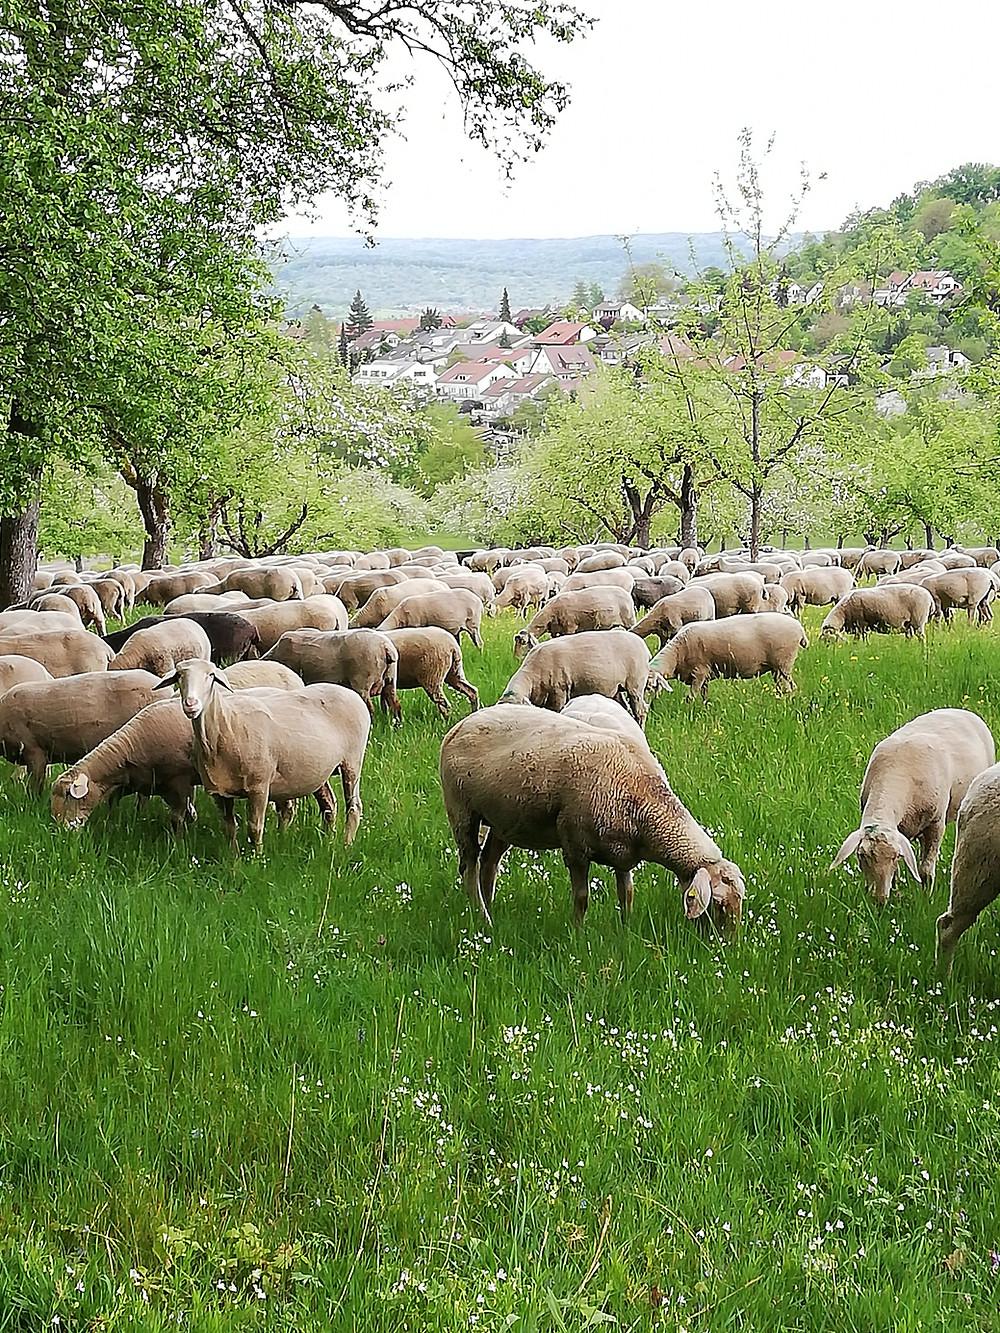 Schafsherde, anstatt Herdenimmunität. In der Natur tritt Corona in den Hintergrund